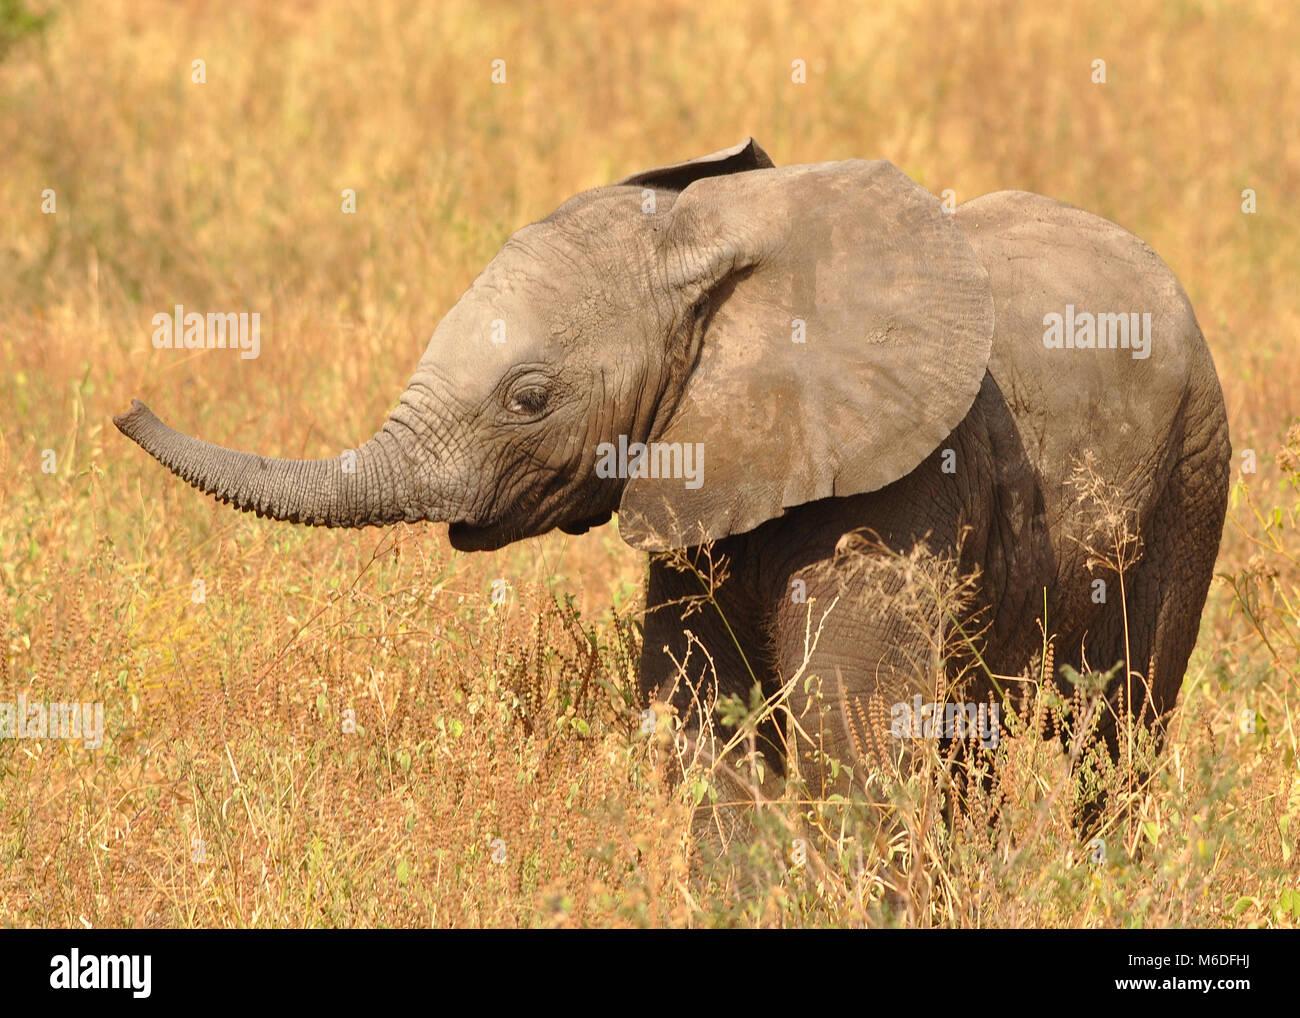 Baby Bush Elephant (Loxodonta africana) - Stock Image